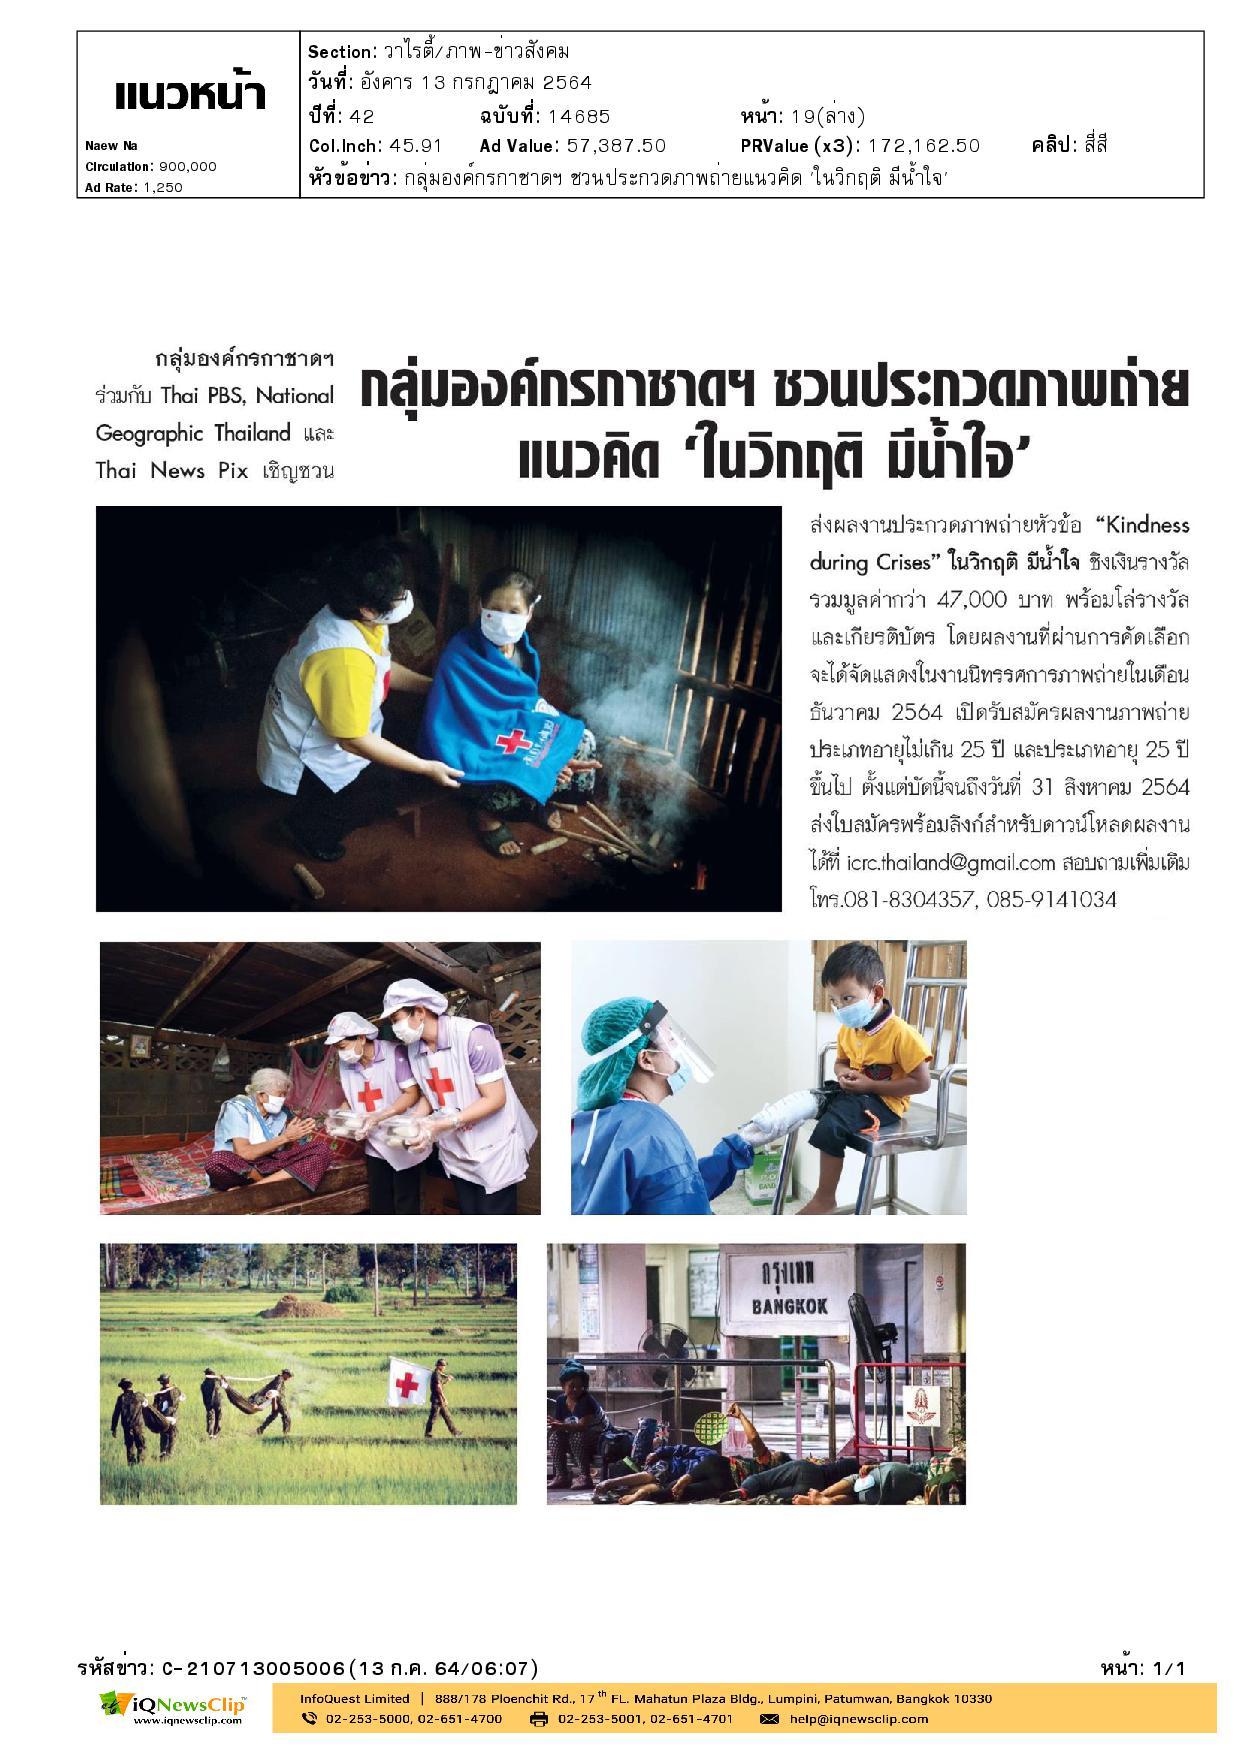 """กลุ่มองค์กรกาชาดฯ และ สภากาชาดไทย ชวนส่งผลงานประกวดภาพถ่ายหัวข้อ """"Kindness during Crises"""" ในวิกฤติ มีน้ำใจ"""